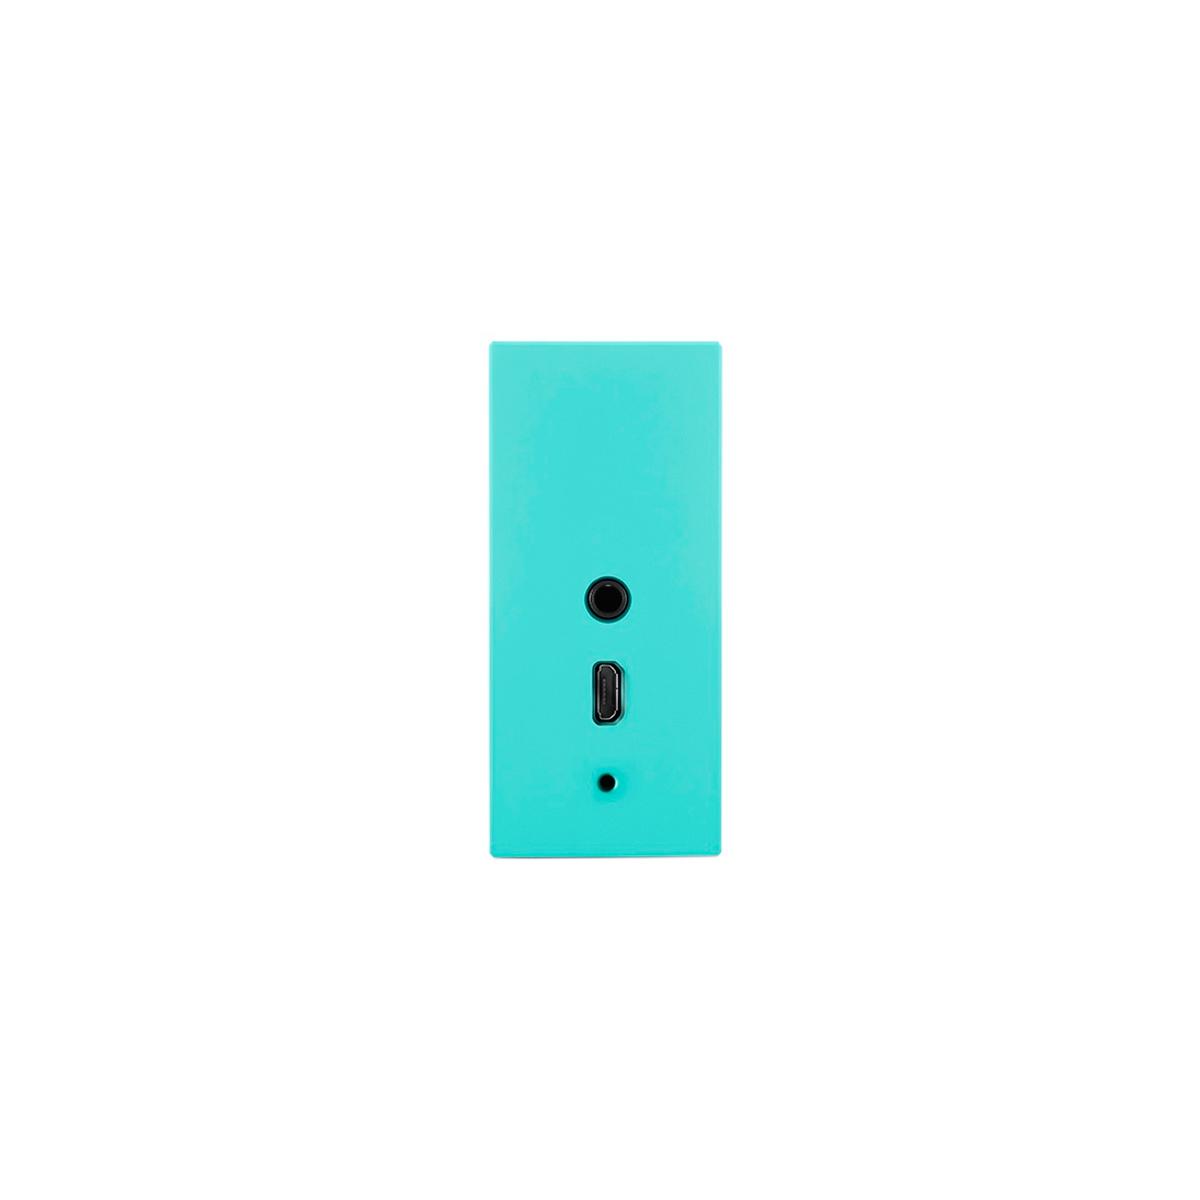 JBLGO - Caixa de Som Port�til 3W c/ Bluetooth JBL GO Verde - JBL